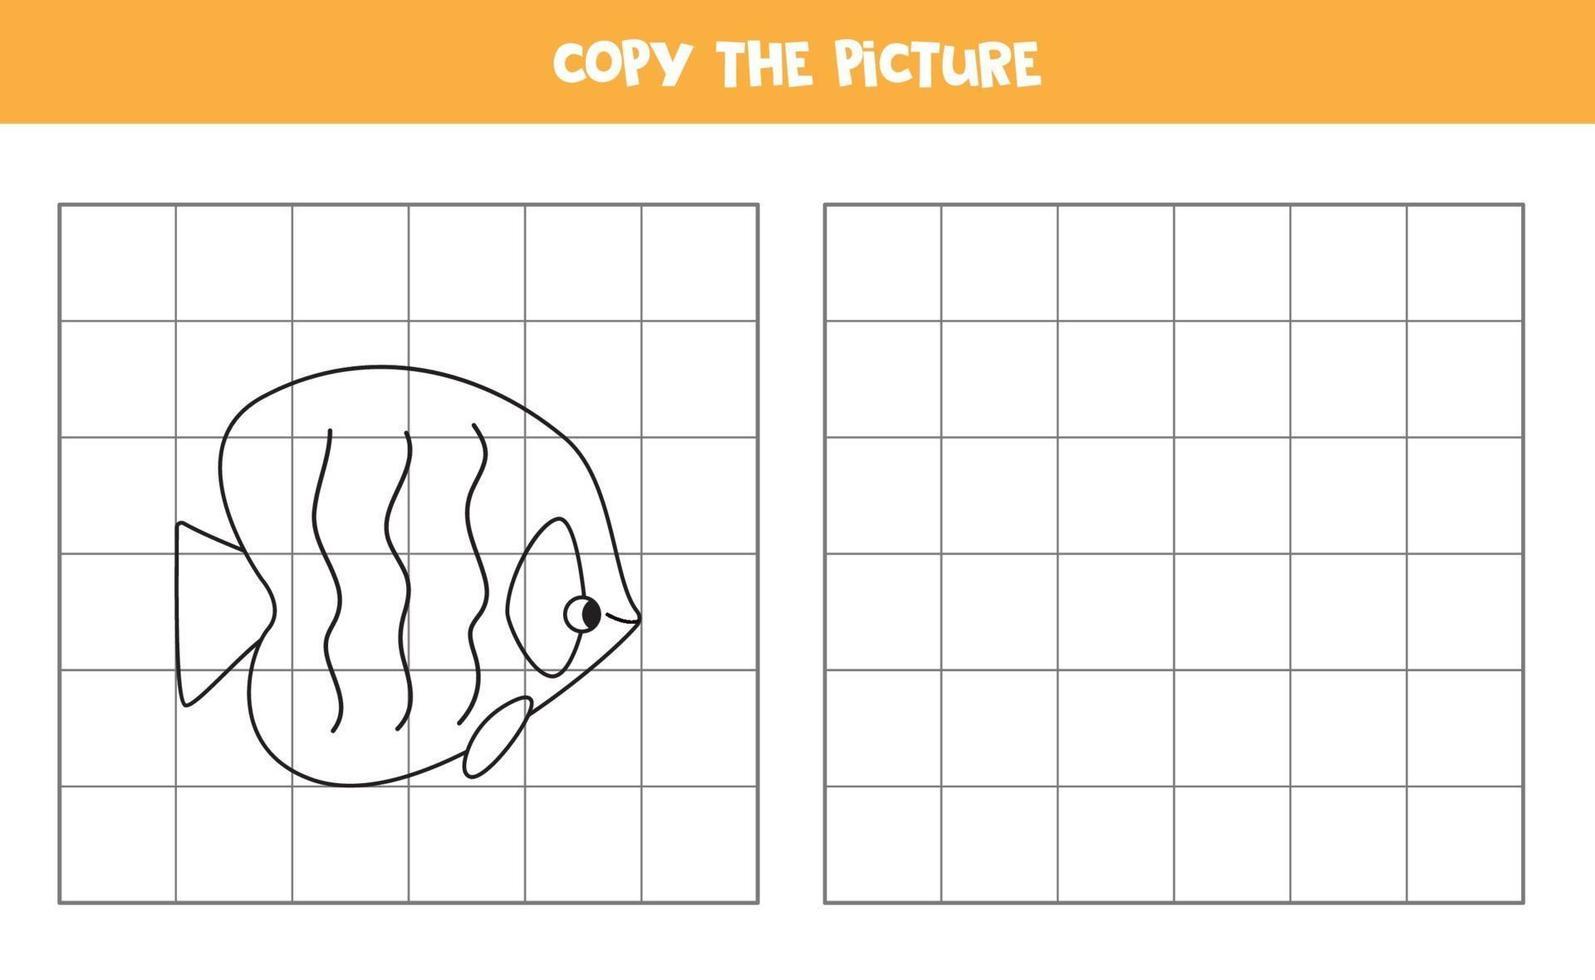 copia l'immagine. pesce cartone animato. gioco logico per bambini. vettore